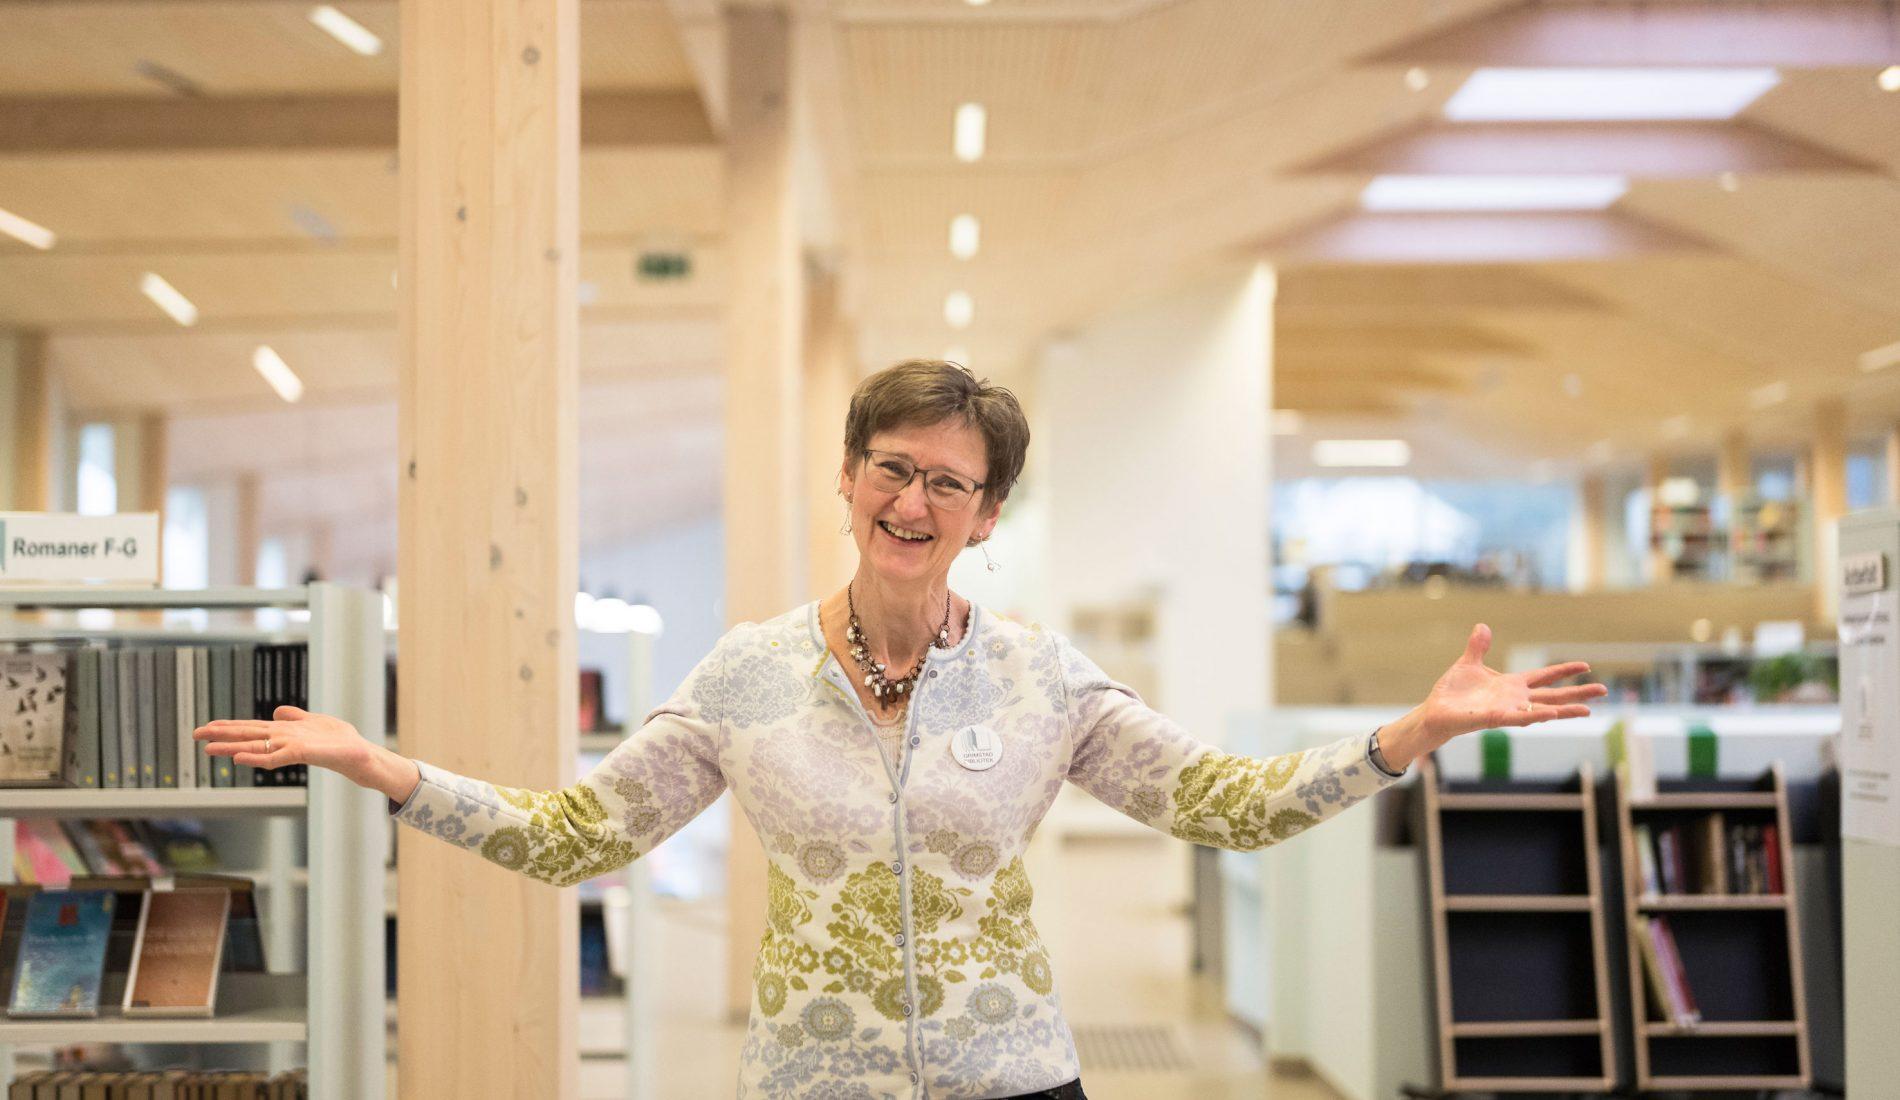 Vi må tørre noe mer enn å fortelle folk hvilke bøker de bør velge om sommeren, sier Brit Østerud, biblioteksjef i Grimstad, som fikk full medieuttelling da byens nye bibliotek åpnet i desember 2017.